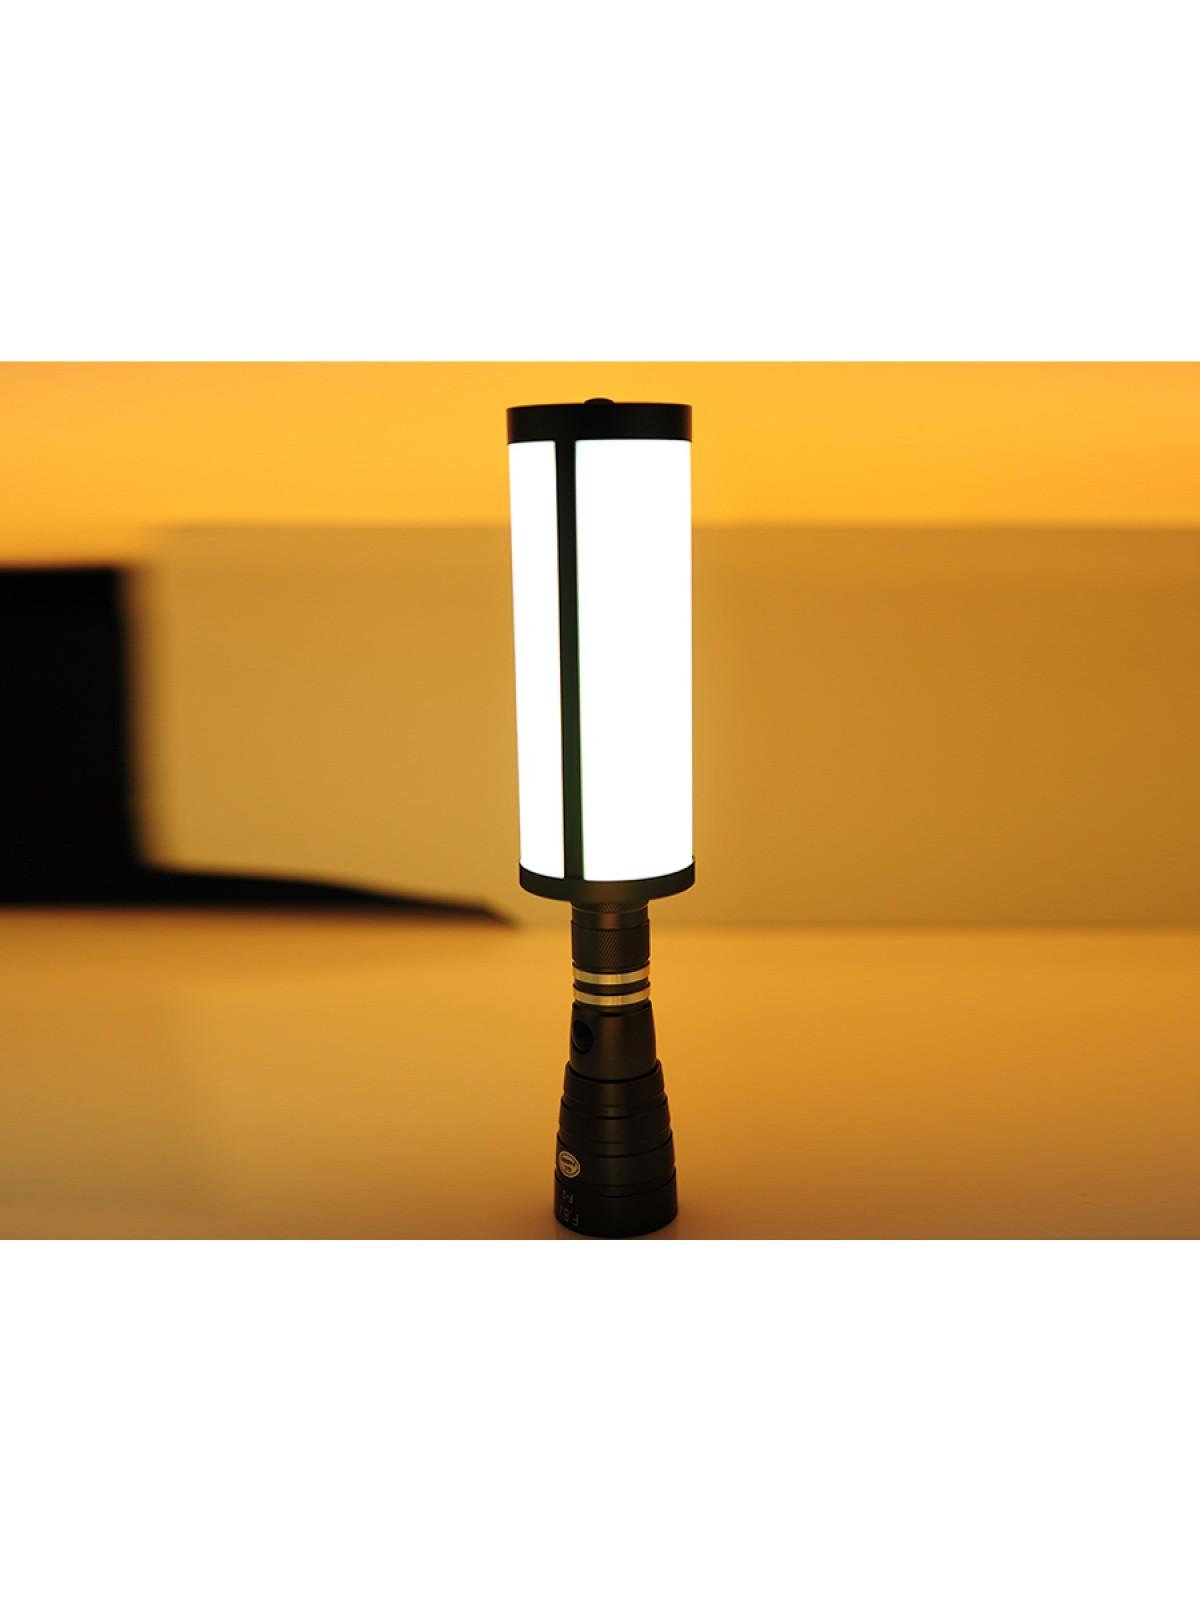 f b i f 1 super bright el feneri power bank. Black Bedroom Furniture Sets. Home Design Ideas